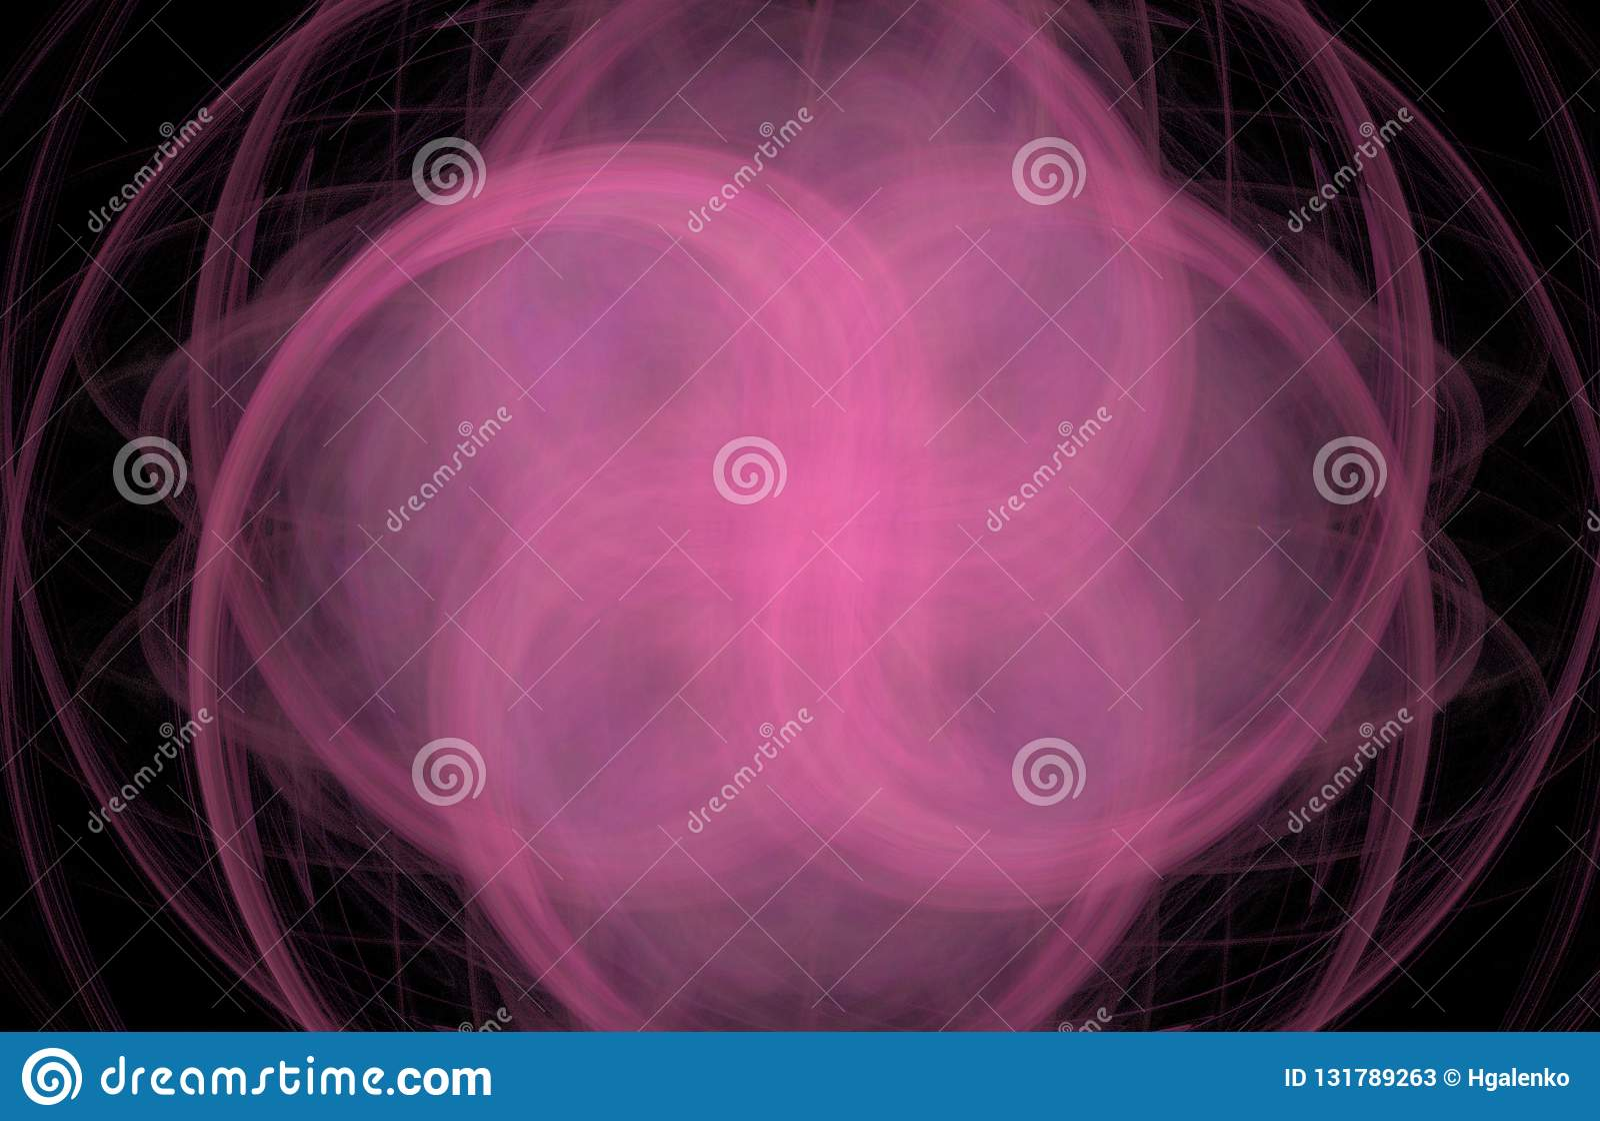 在黑背景的桃红色发怒漩涡摘要分数维 幻想分数维纹理 abstact艺术深深数字式红色转动 3d翻译 计算机生成的顶头人电汇